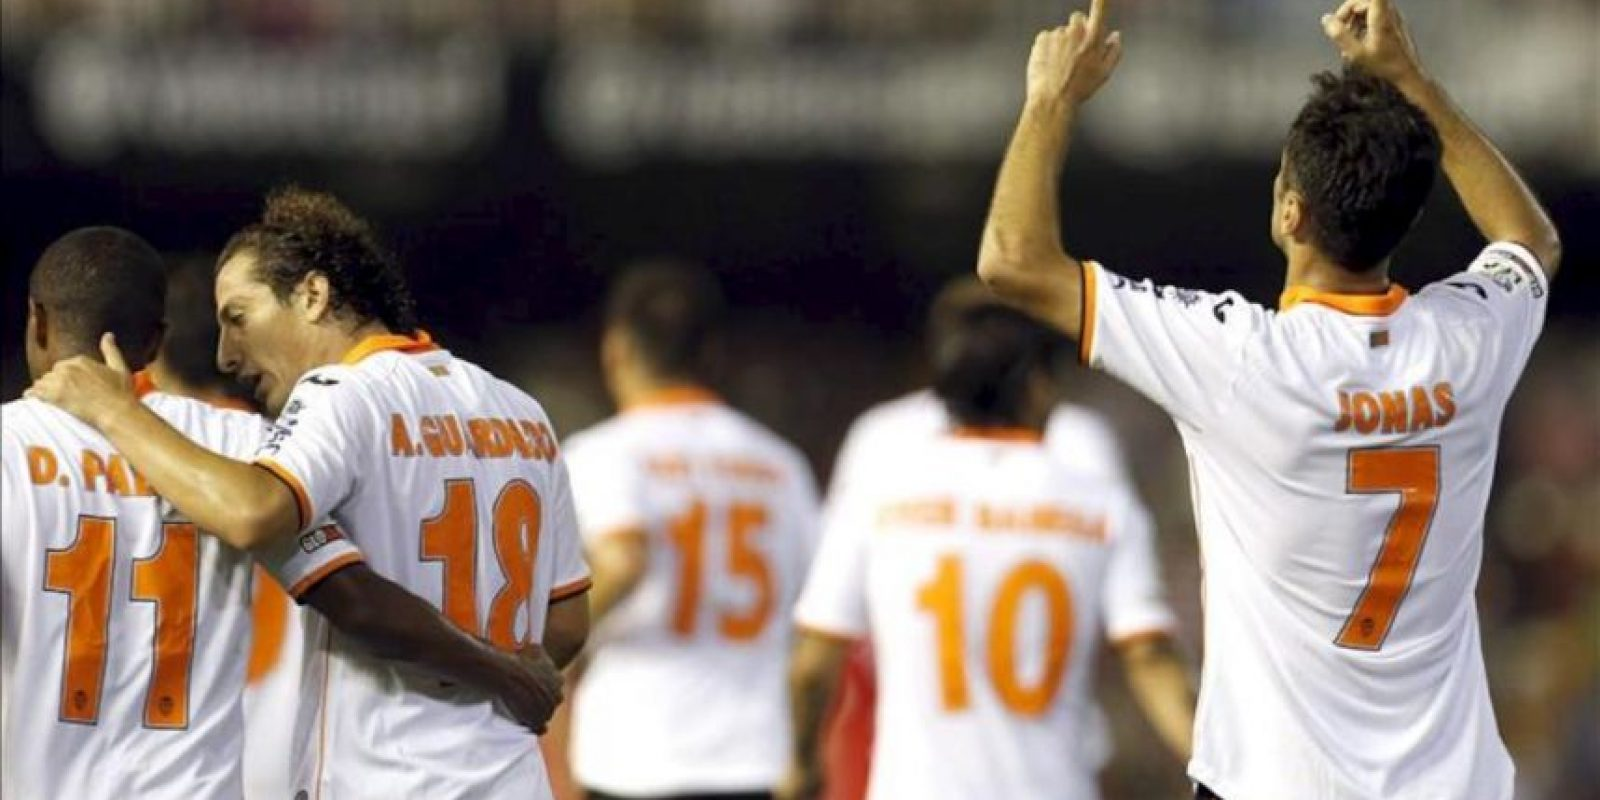 El jugador del Valencia, Jonas Goncalves (dcha). celebra el primer gol marcado al Sevilla durante el partido de la quinta jornada de la Liga BBVA. EFE